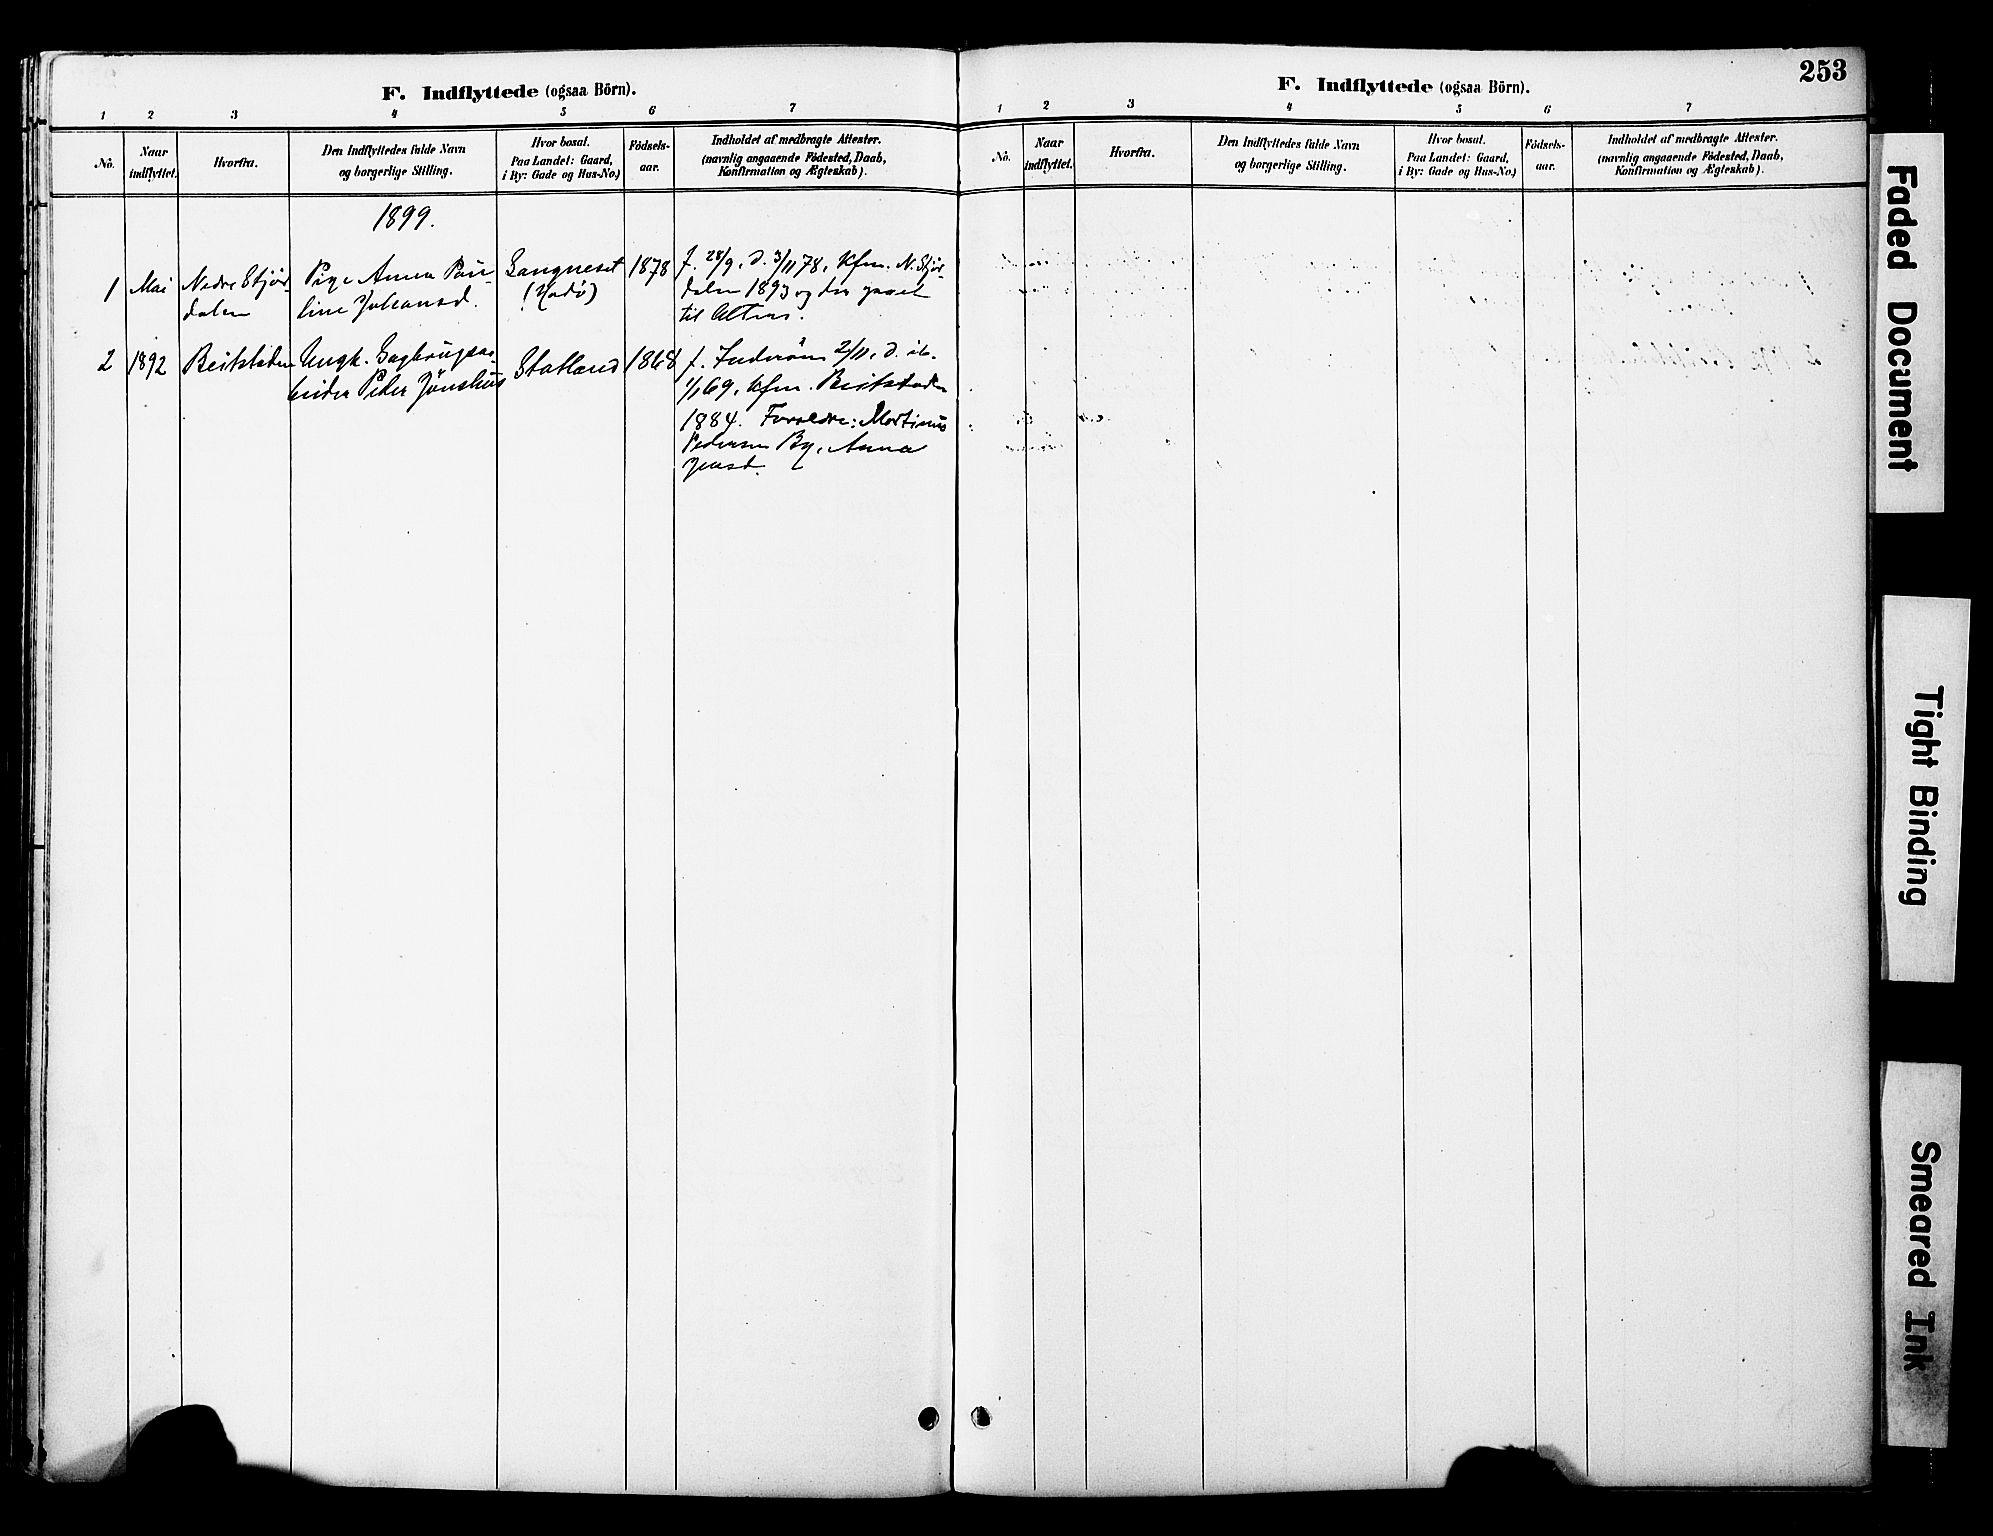 SAT, Ministerialprotokoller, klokkerbøker og fødselsregistre - Nord-Trøndelag, 774/L0628: Ministerialbok nr. 774A02, 1887-1903, s. 253